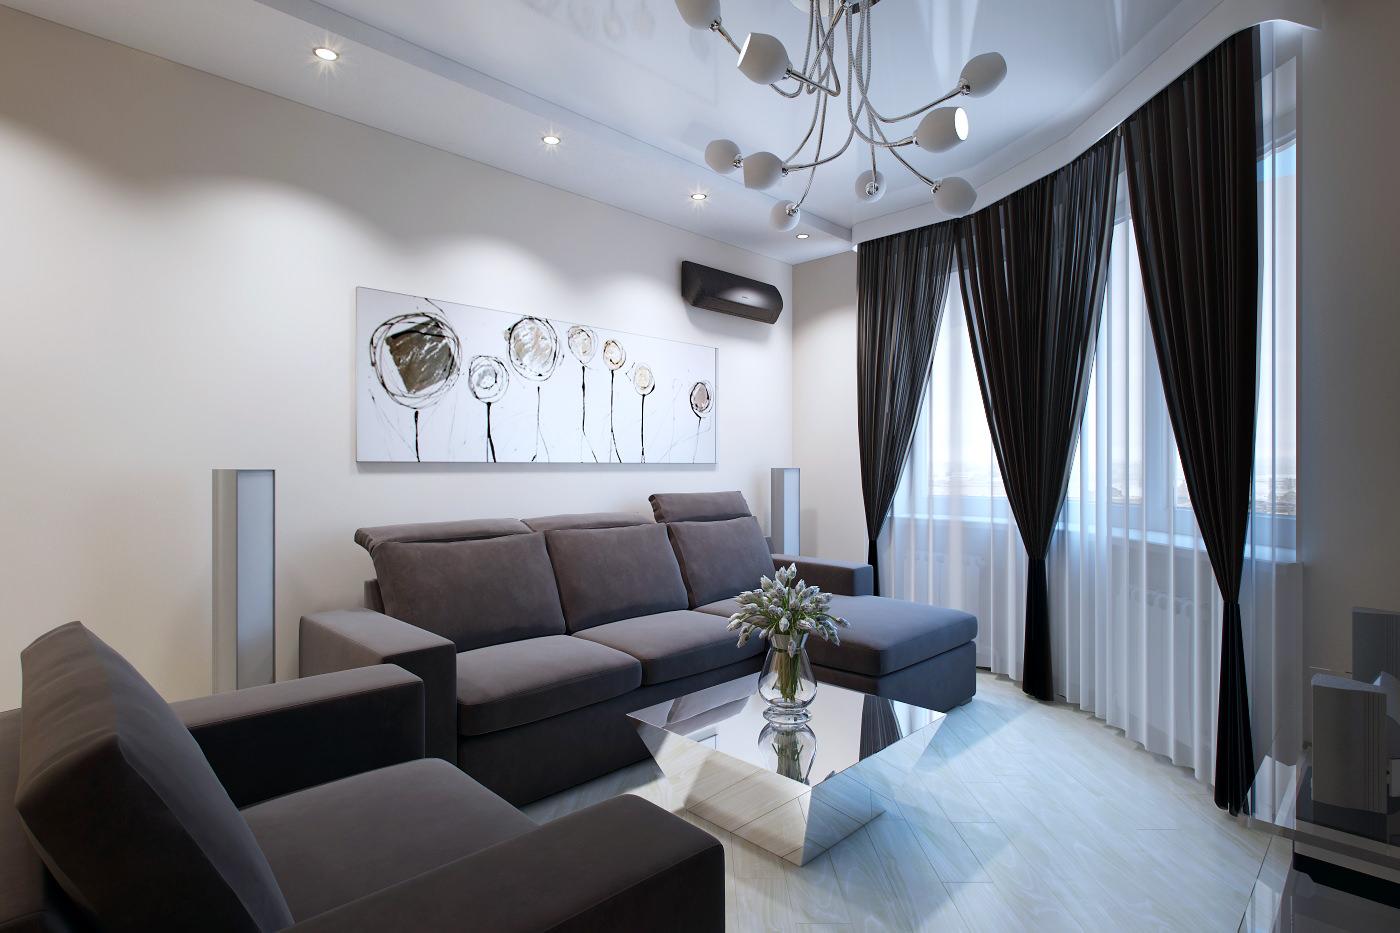 Дизайн интерьера трехкомнатной квартиры 70 кв